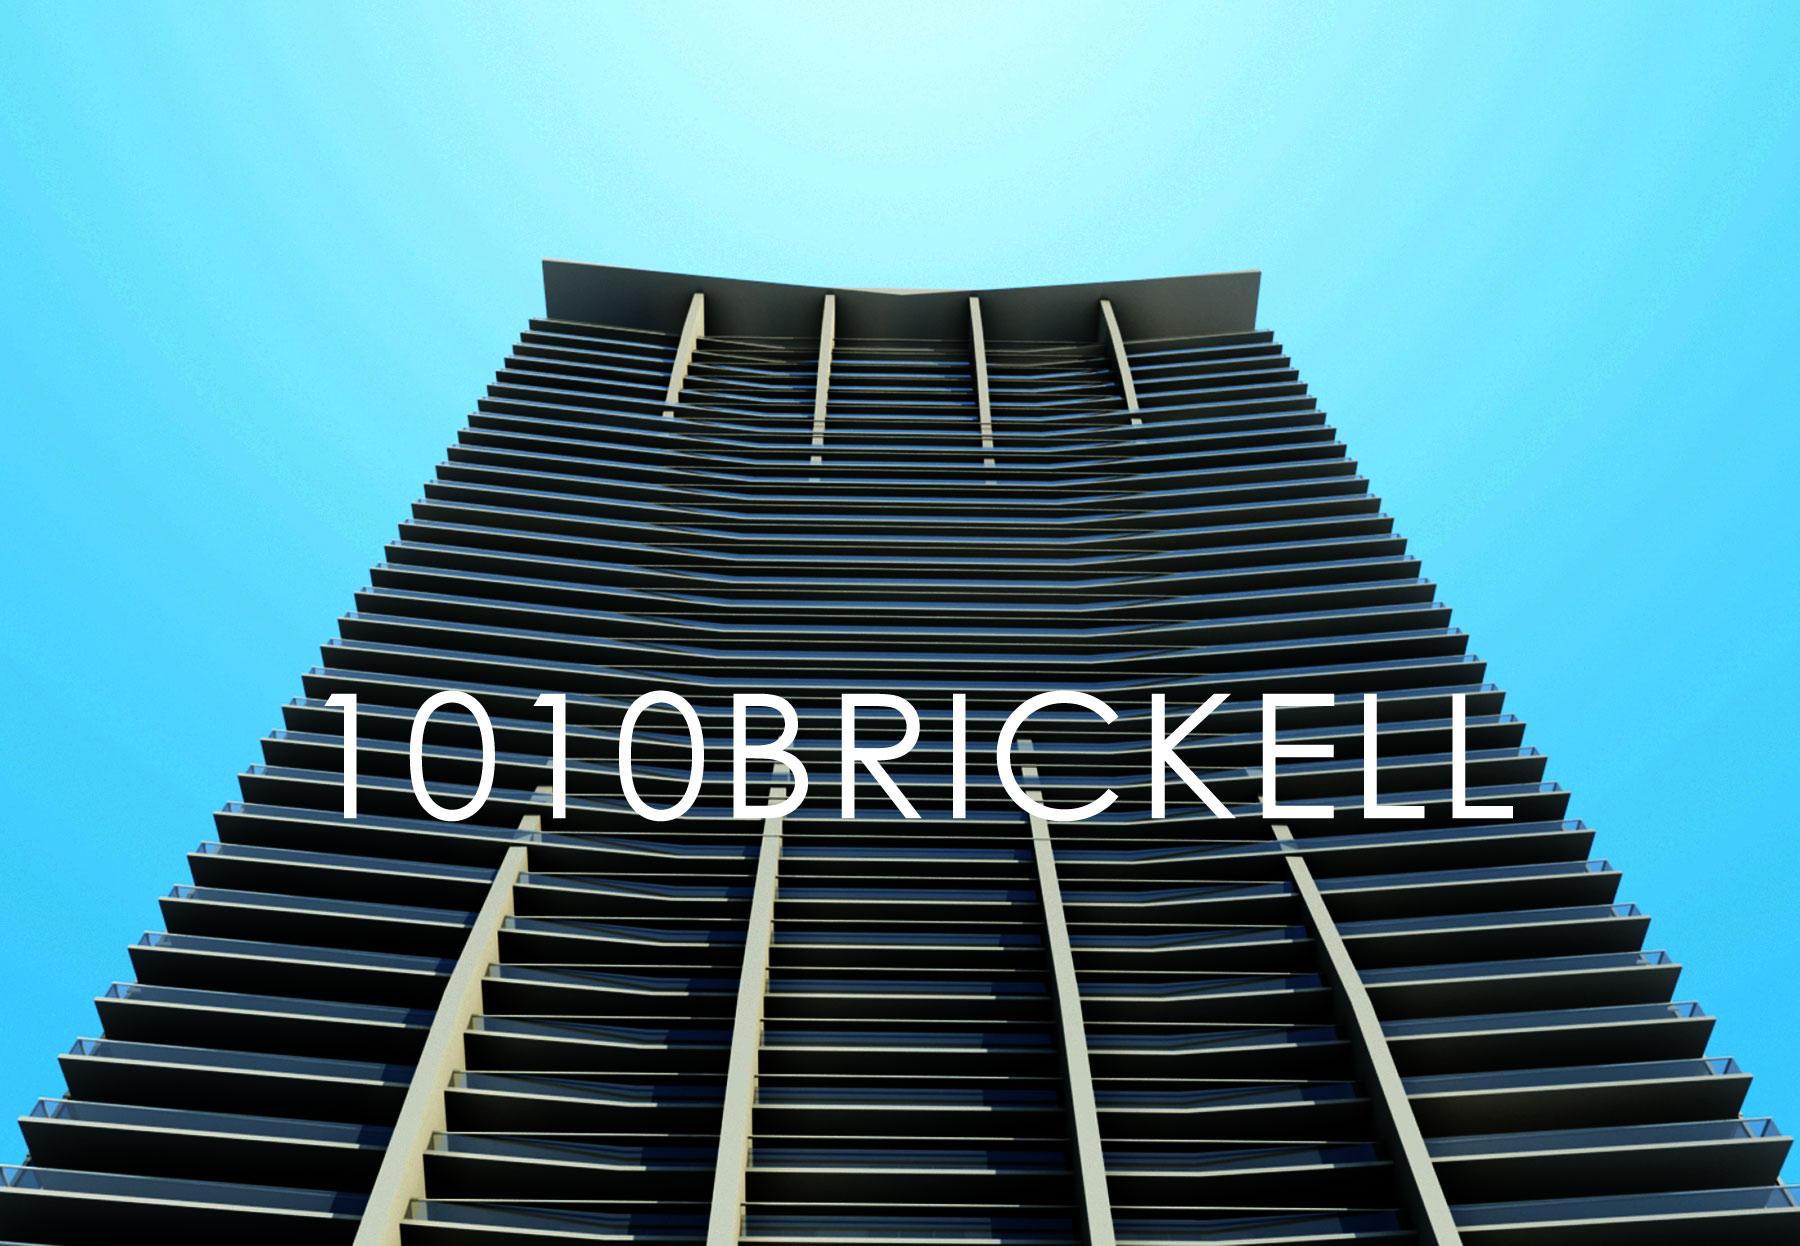 1010brickell